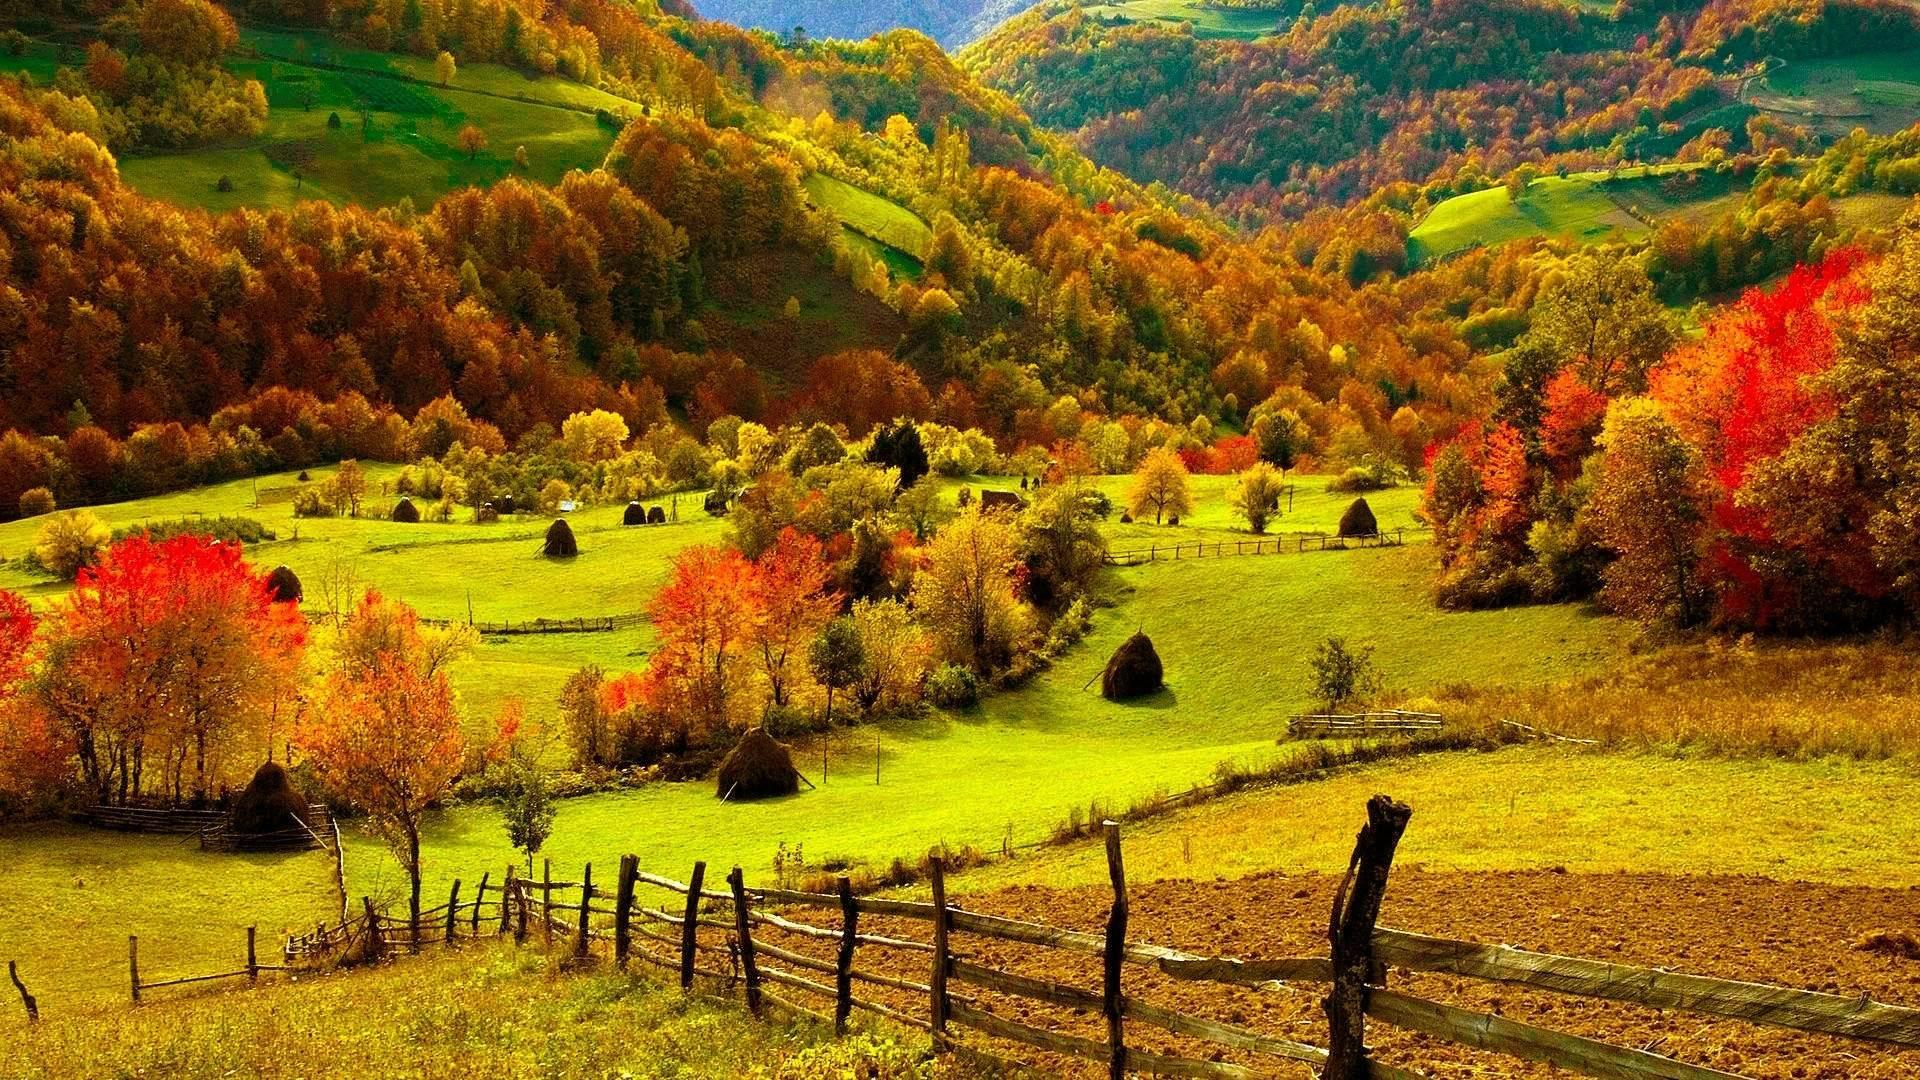 Scenery Desktop Backgrounds 70 Pictures